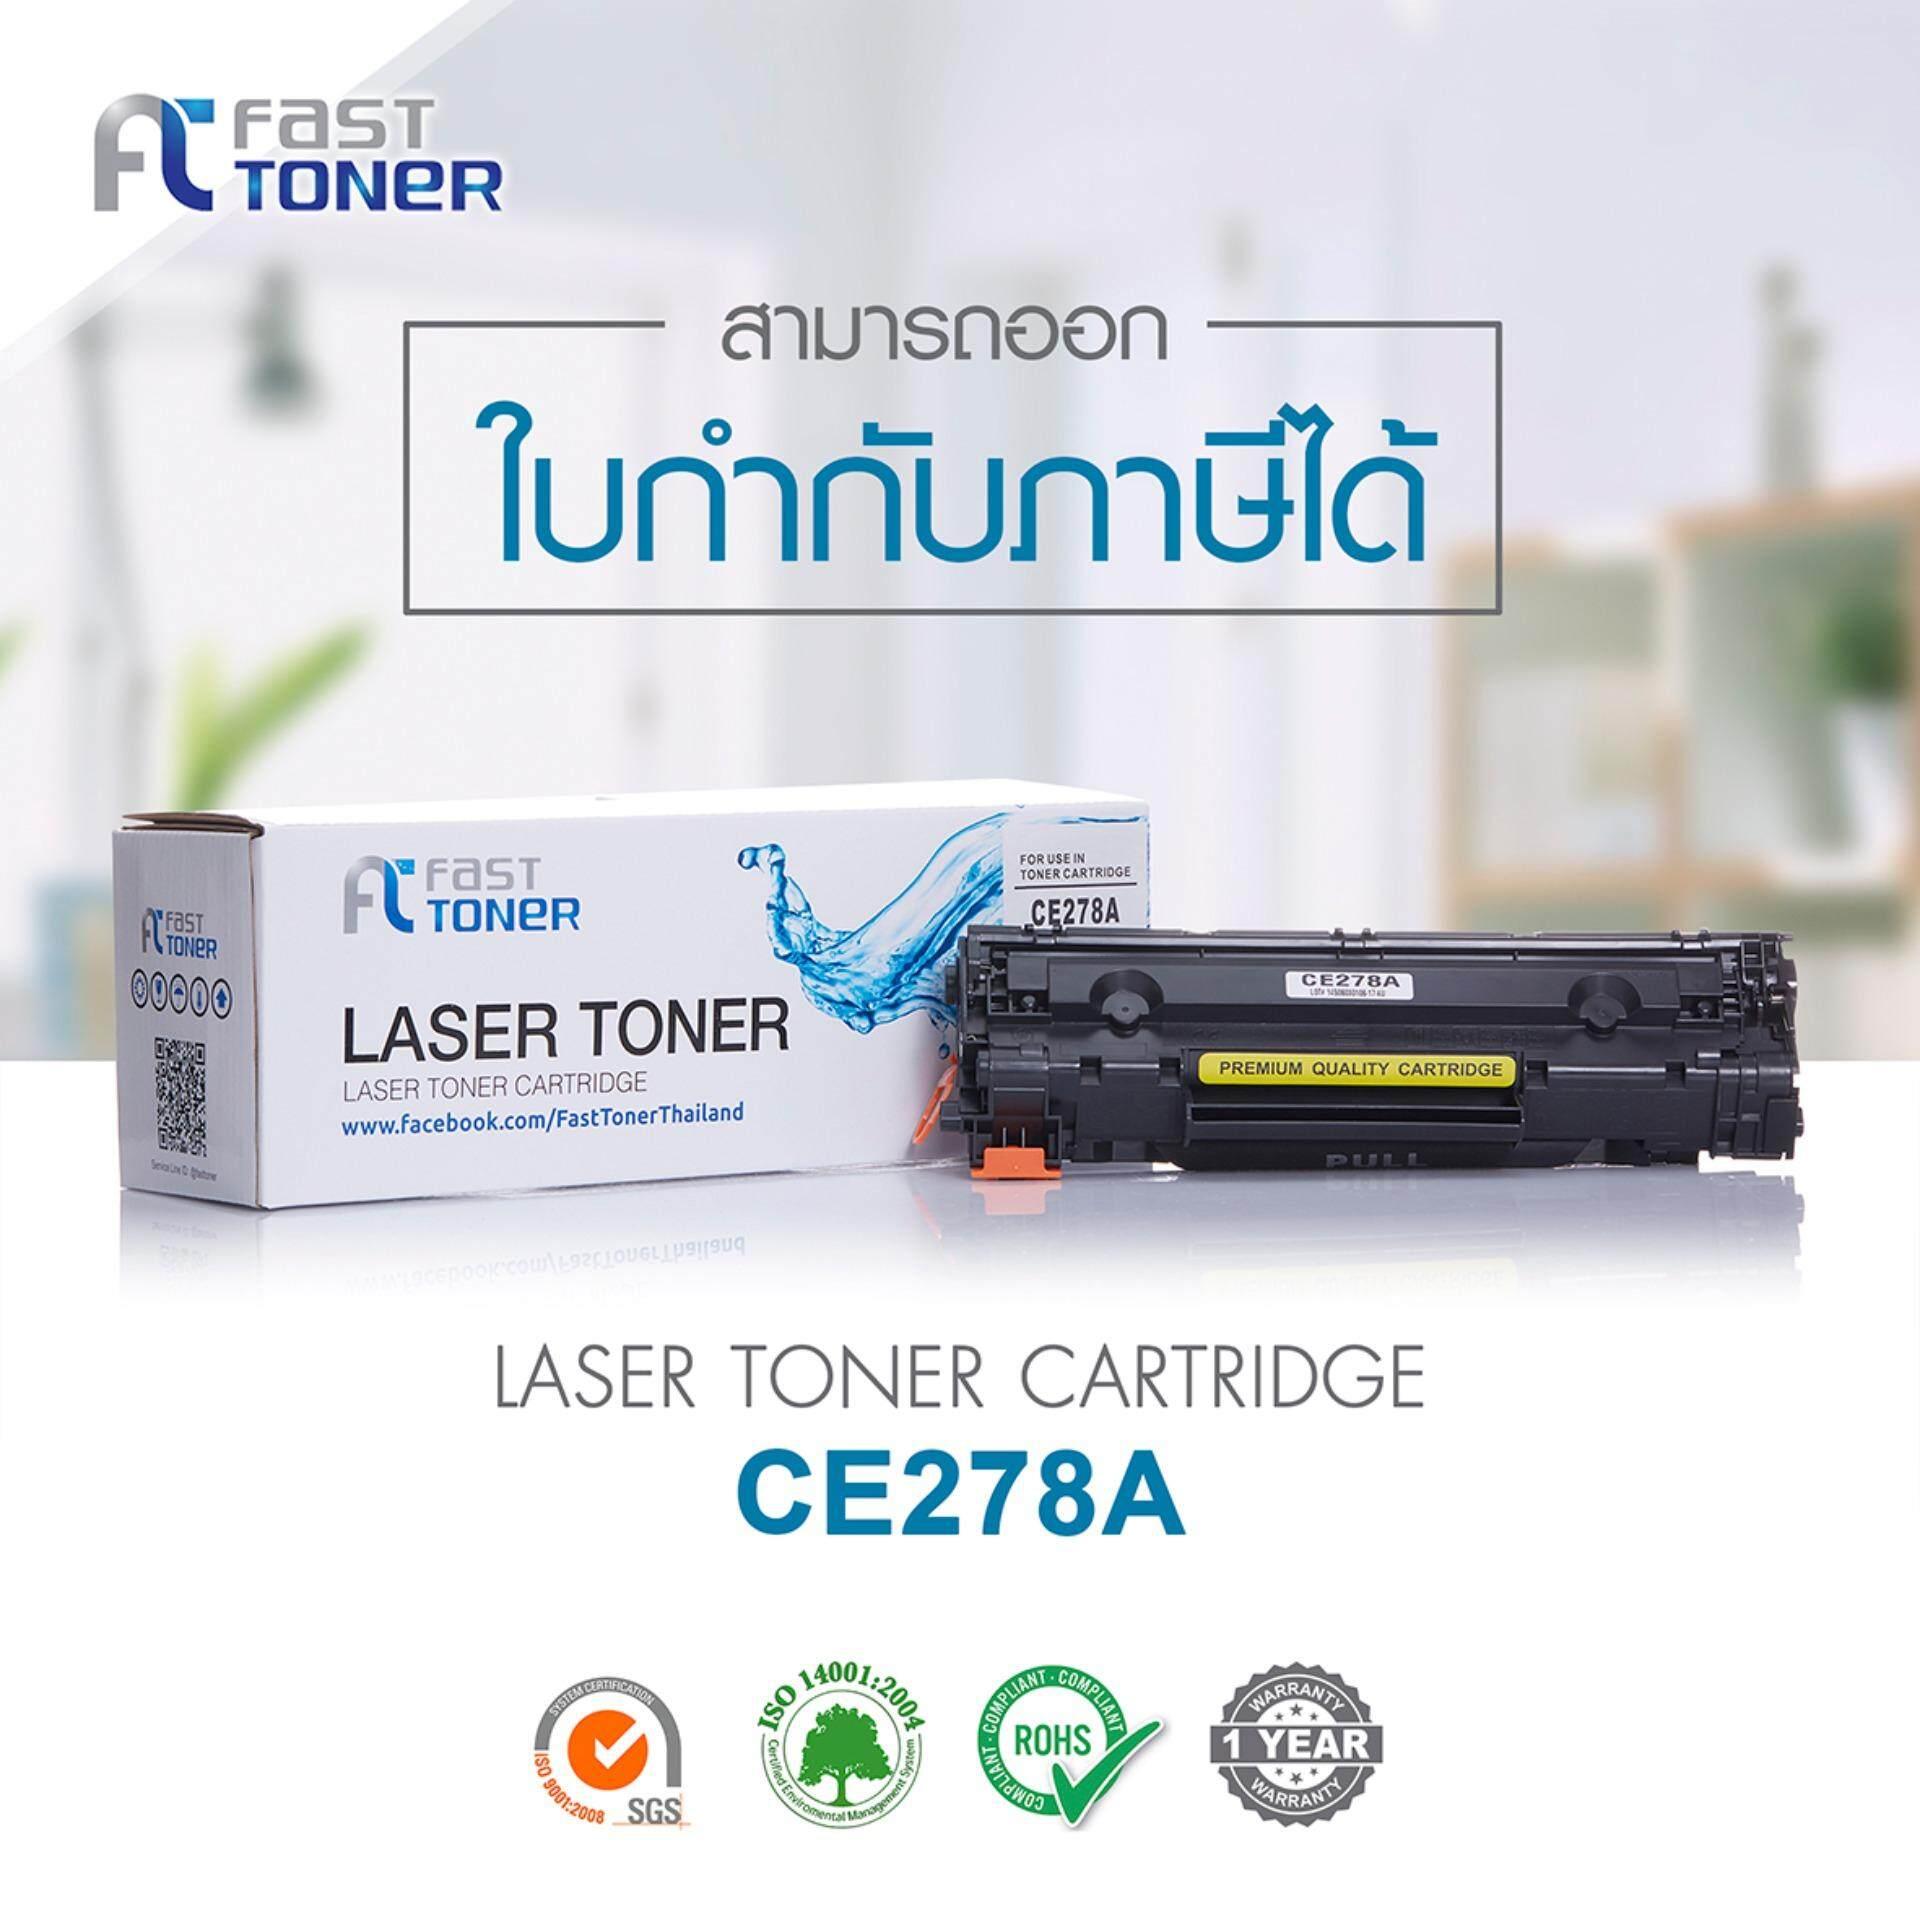 ขาย ซื้อ Fast Toner Cartridge Hp Ce278A 78A Black 5 กล่อง สำหรับ Hp Laserjet Pro P1560 P1566 P1600 P1606Dn M1536Dnf กรุงเทพมหานคร